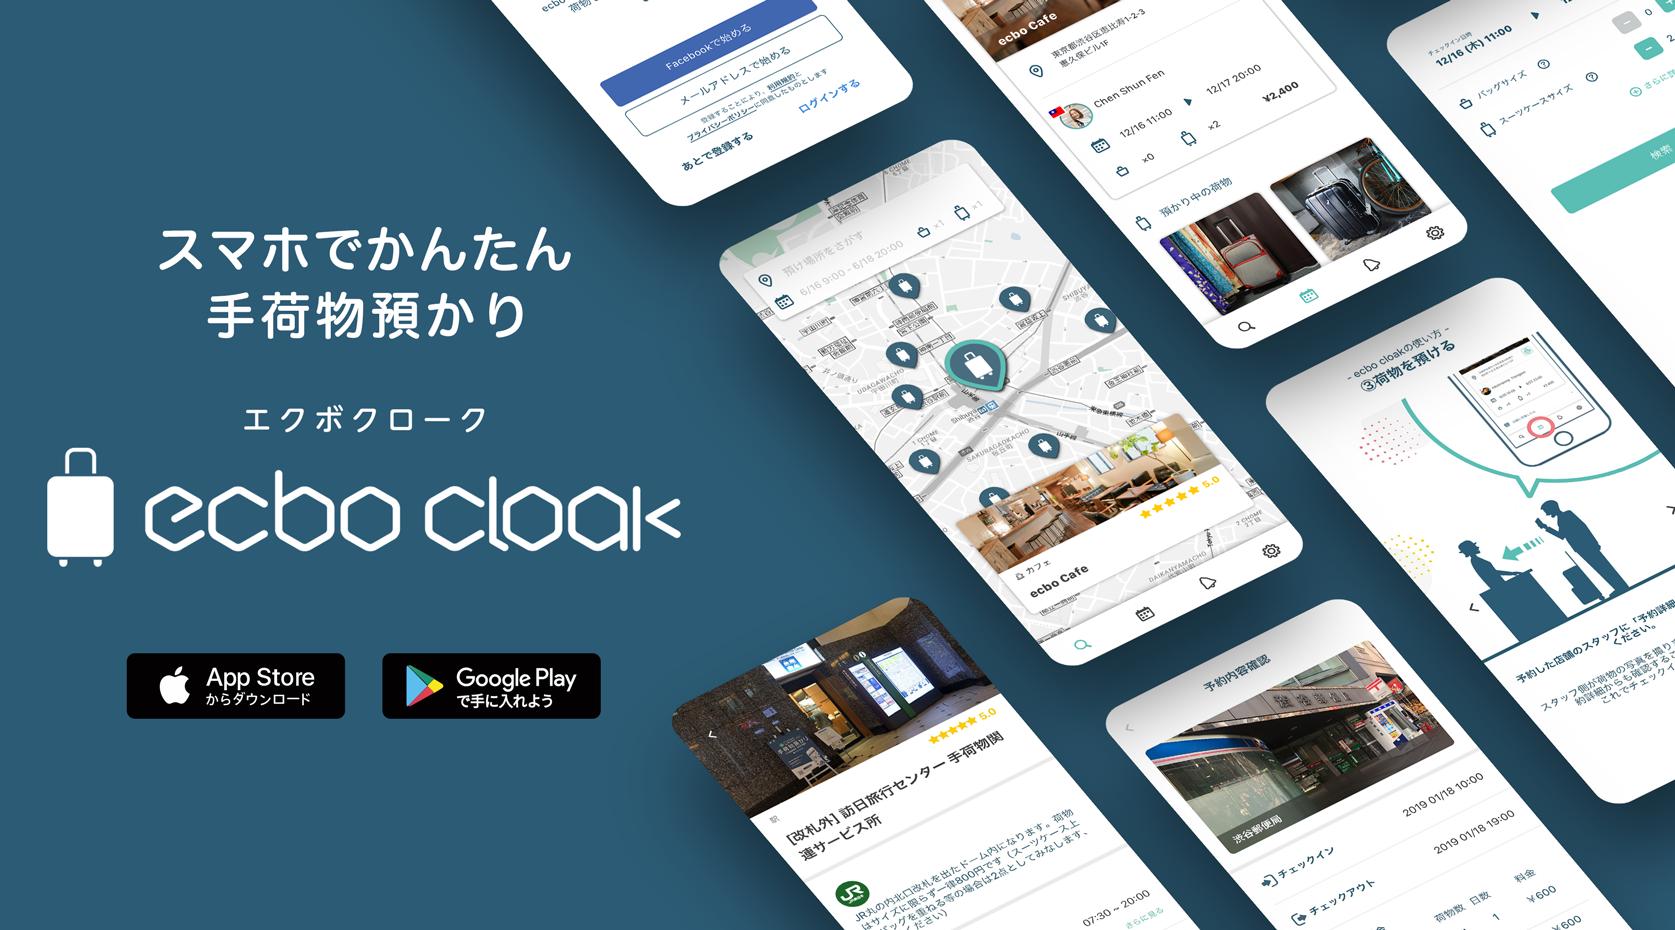 〜荷物預かりサービスecbo cloakアプリの利用方法〜コインロッカー代わりに簡単4STEPで活用しよう!